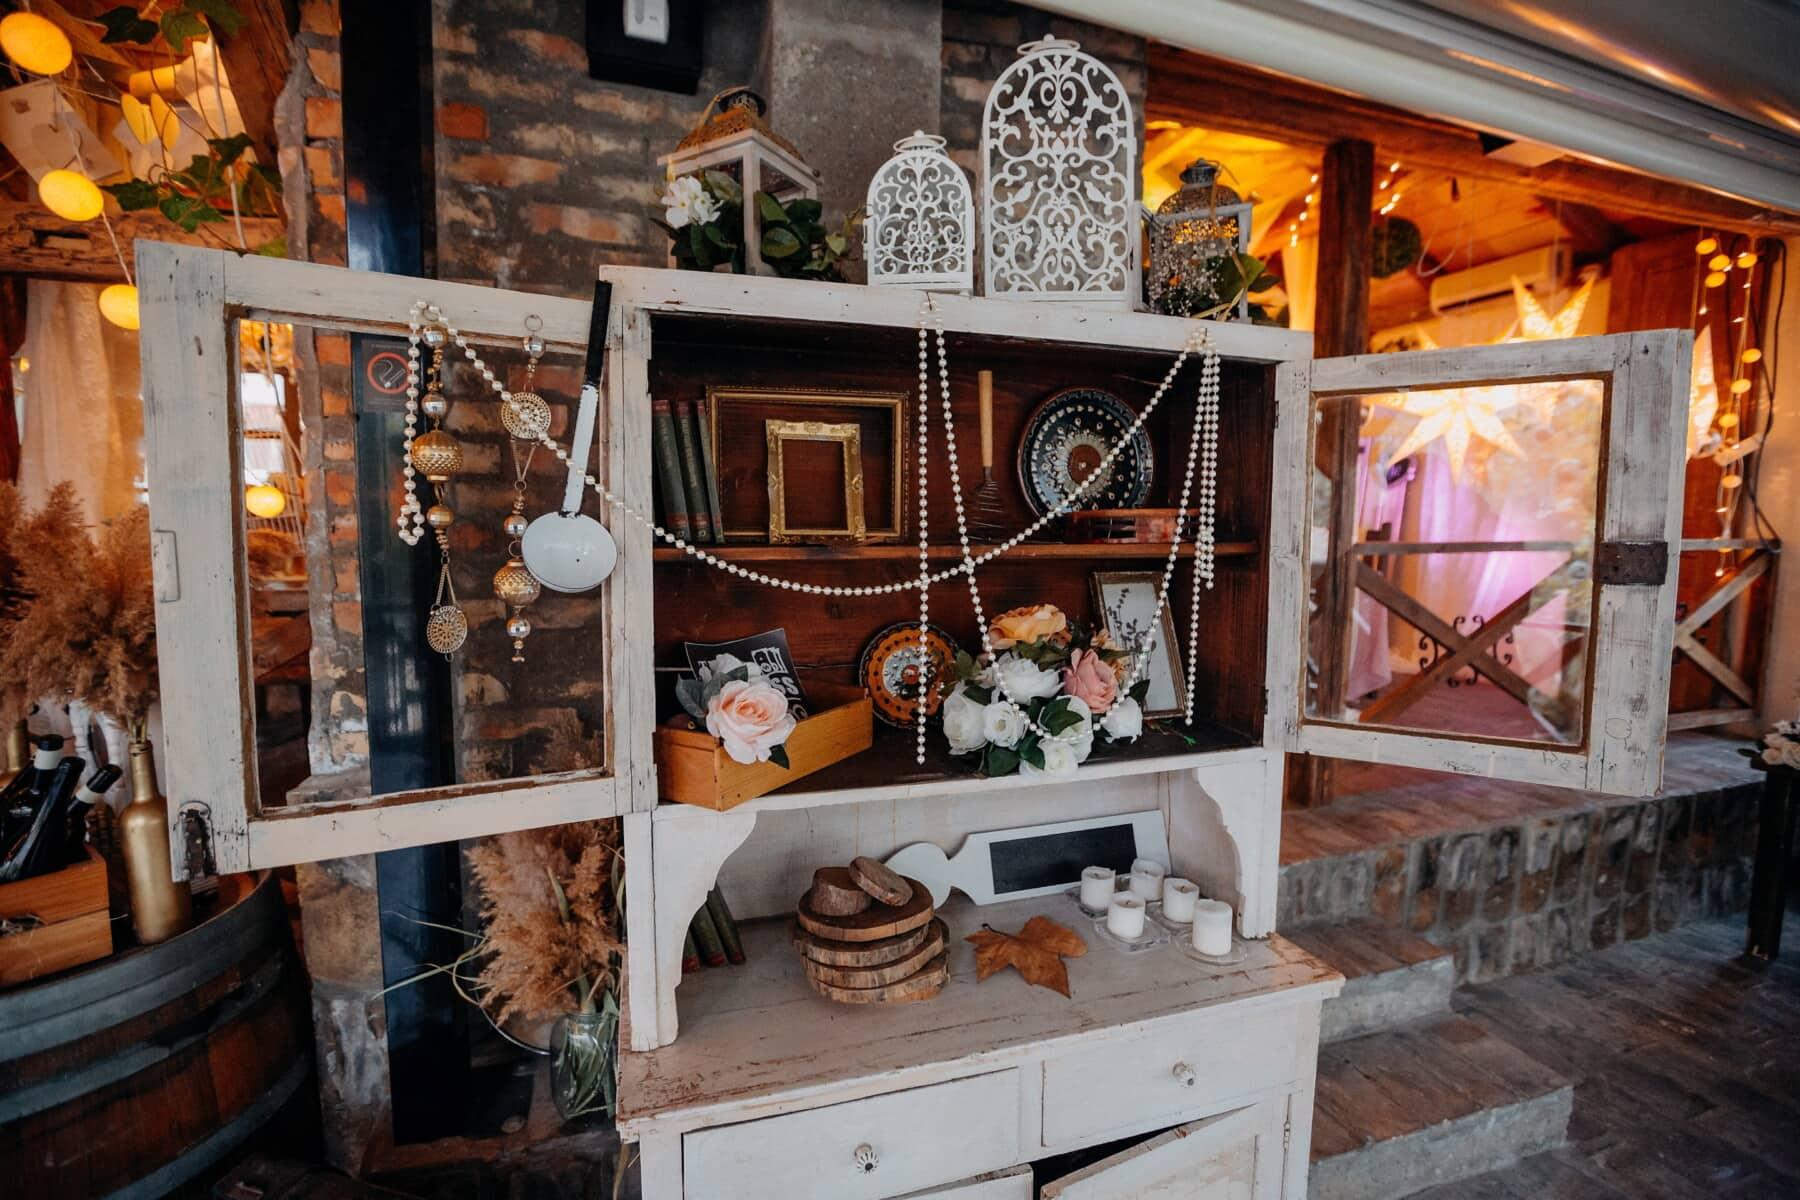 décoration d'intérieur, plateau, armoire, meubles, Accueil, maison, à l'intérieur, chambre, bois, à l'intérieur